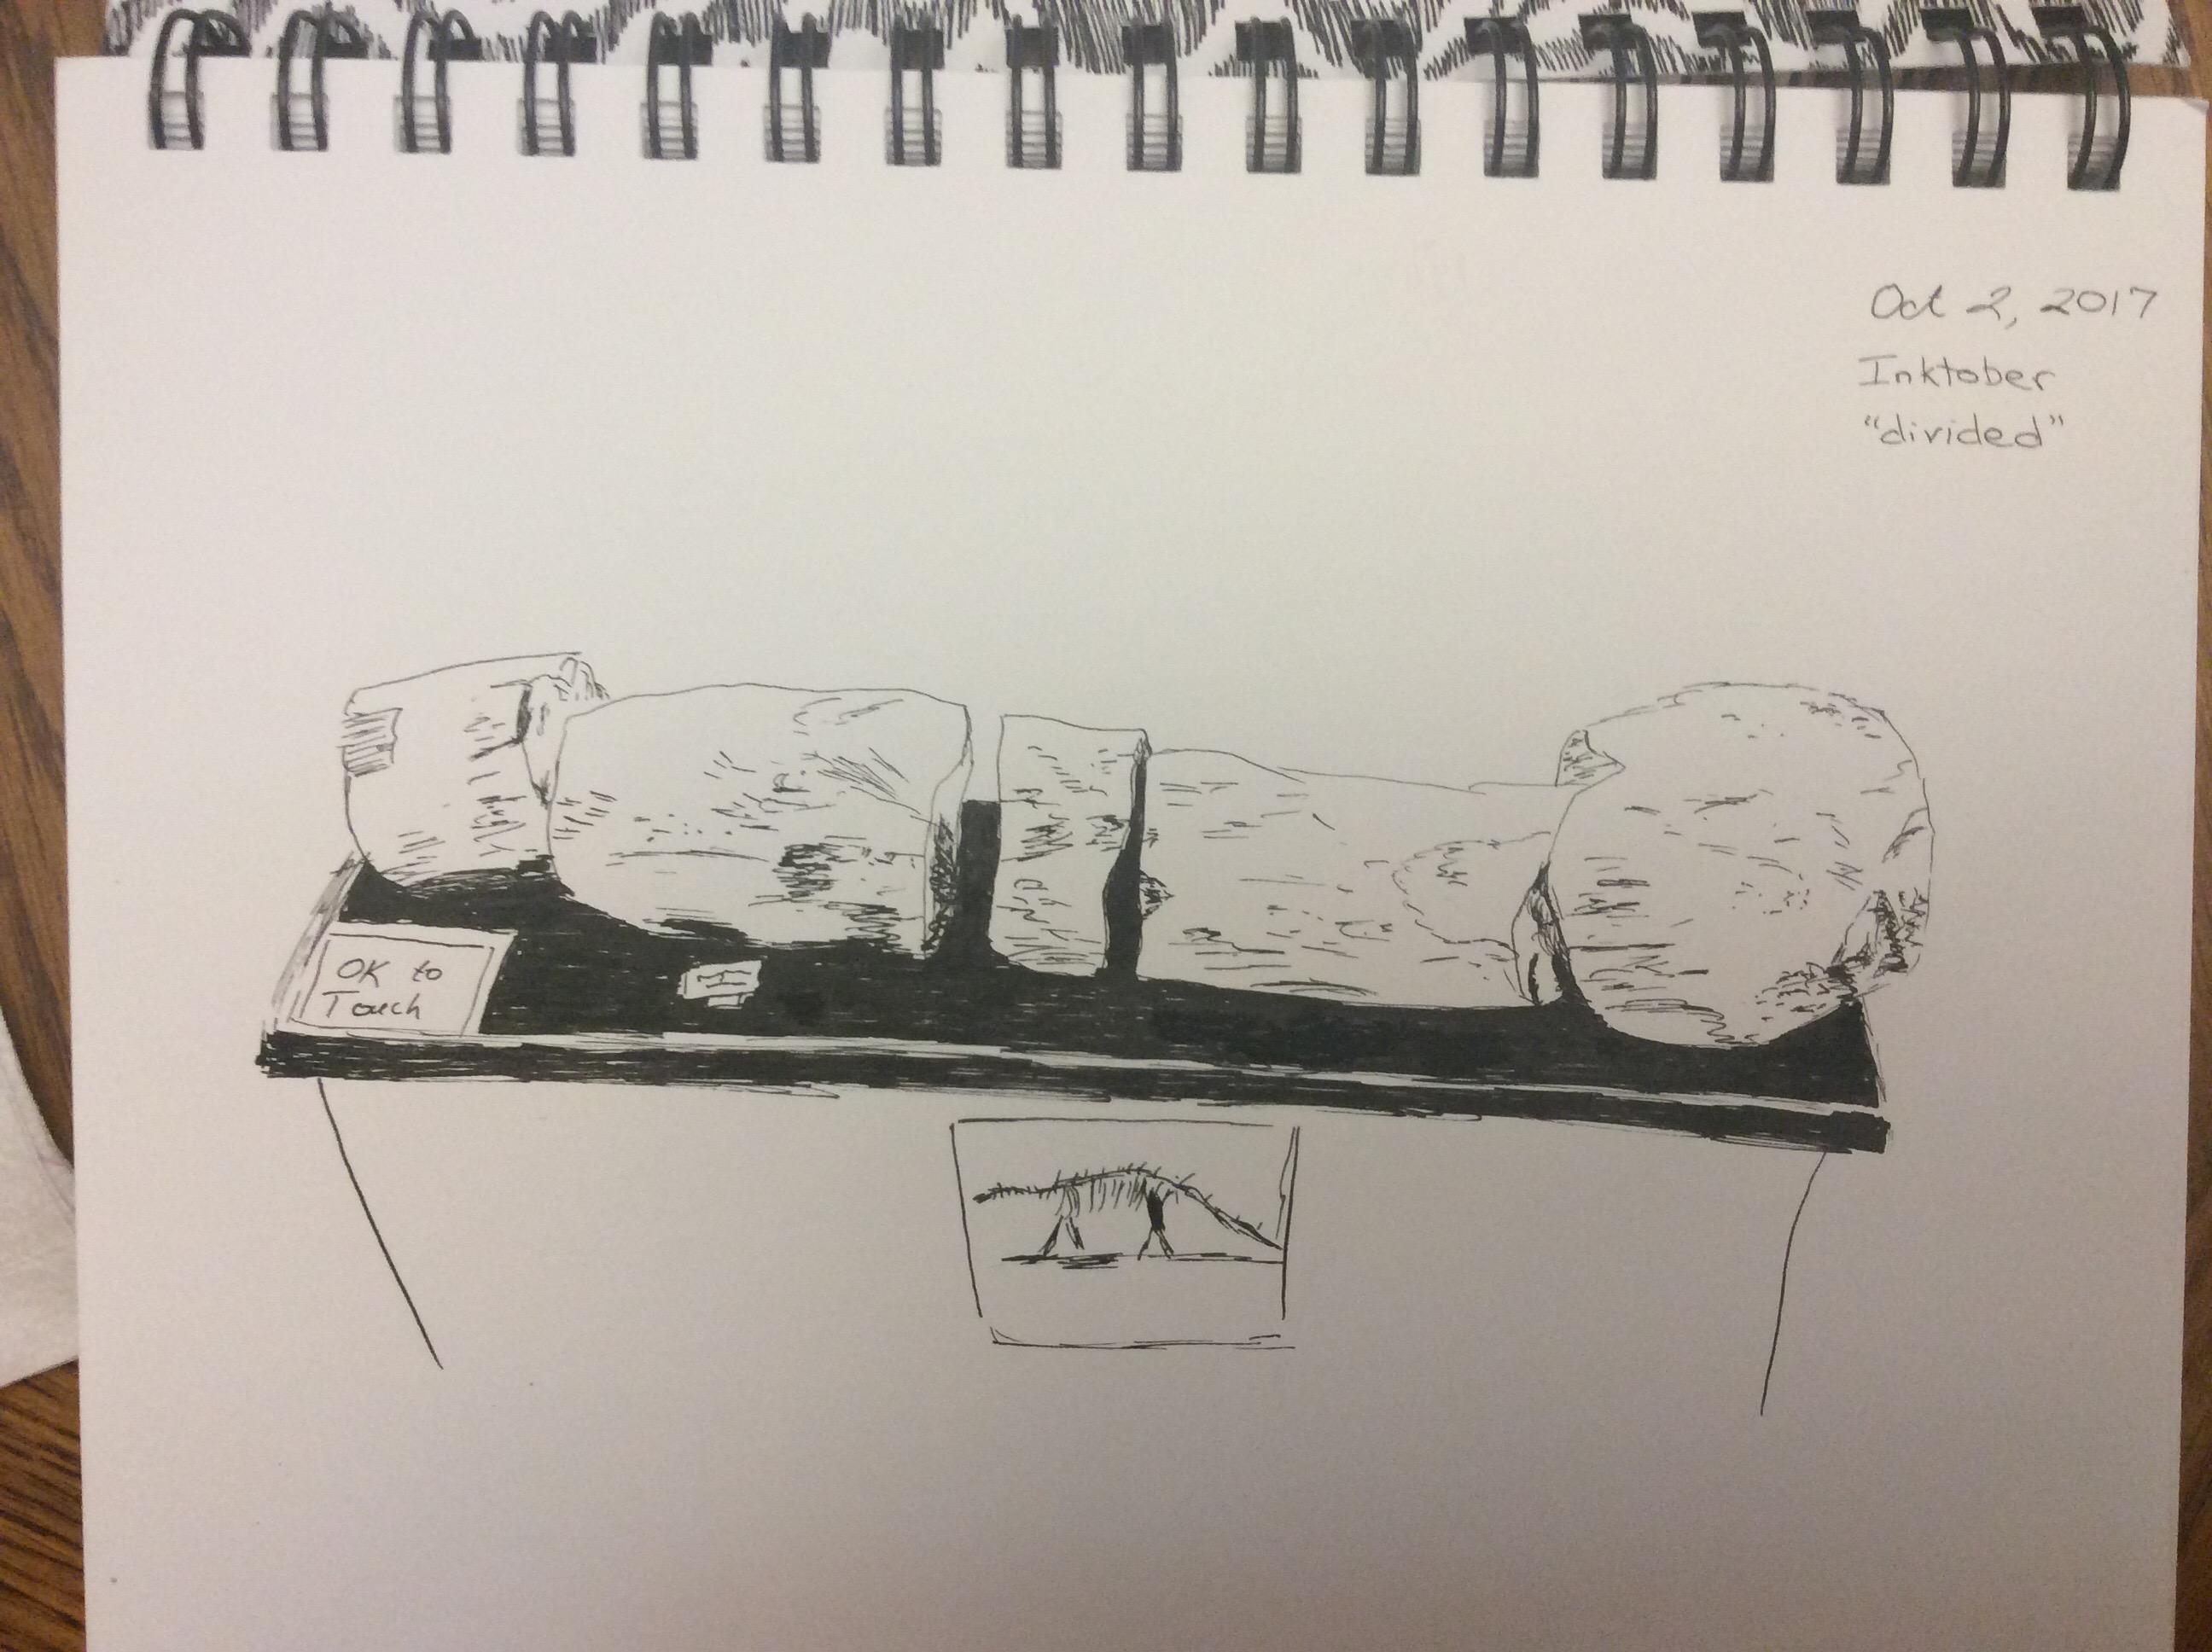 sketch of broken dinosaur fossil